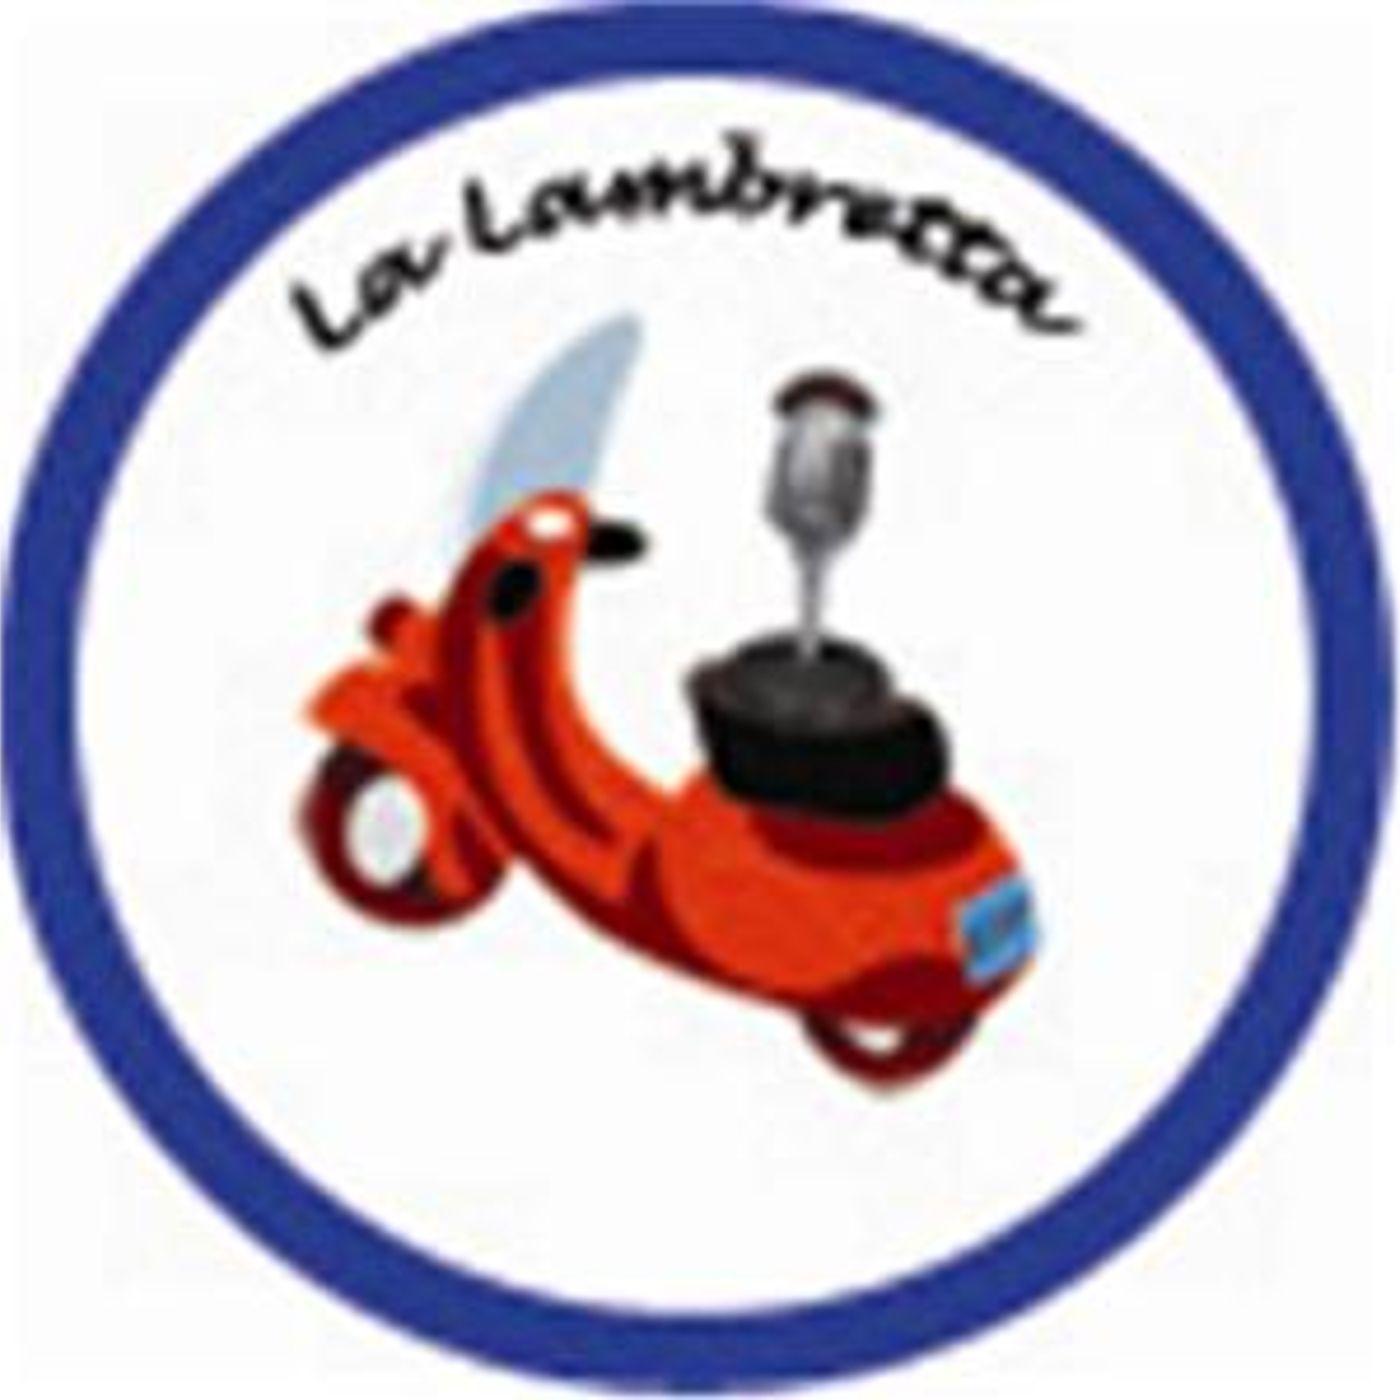 La Lambretta bilingual Copa América and La Liga preview